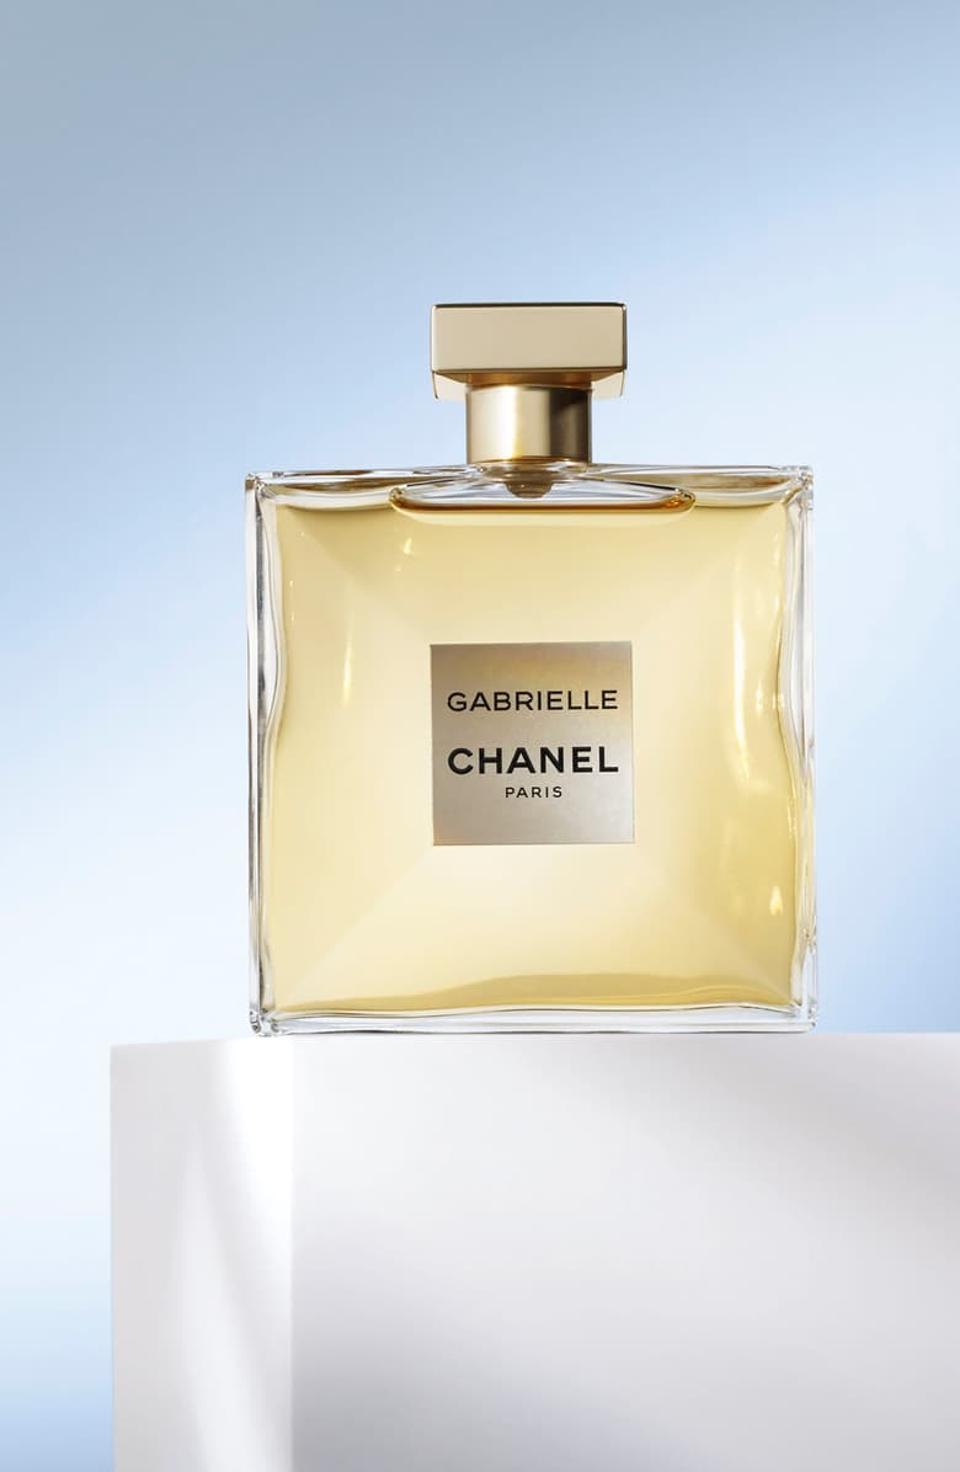 Gabrielle Chanel Eau de Parfum by CHANEL